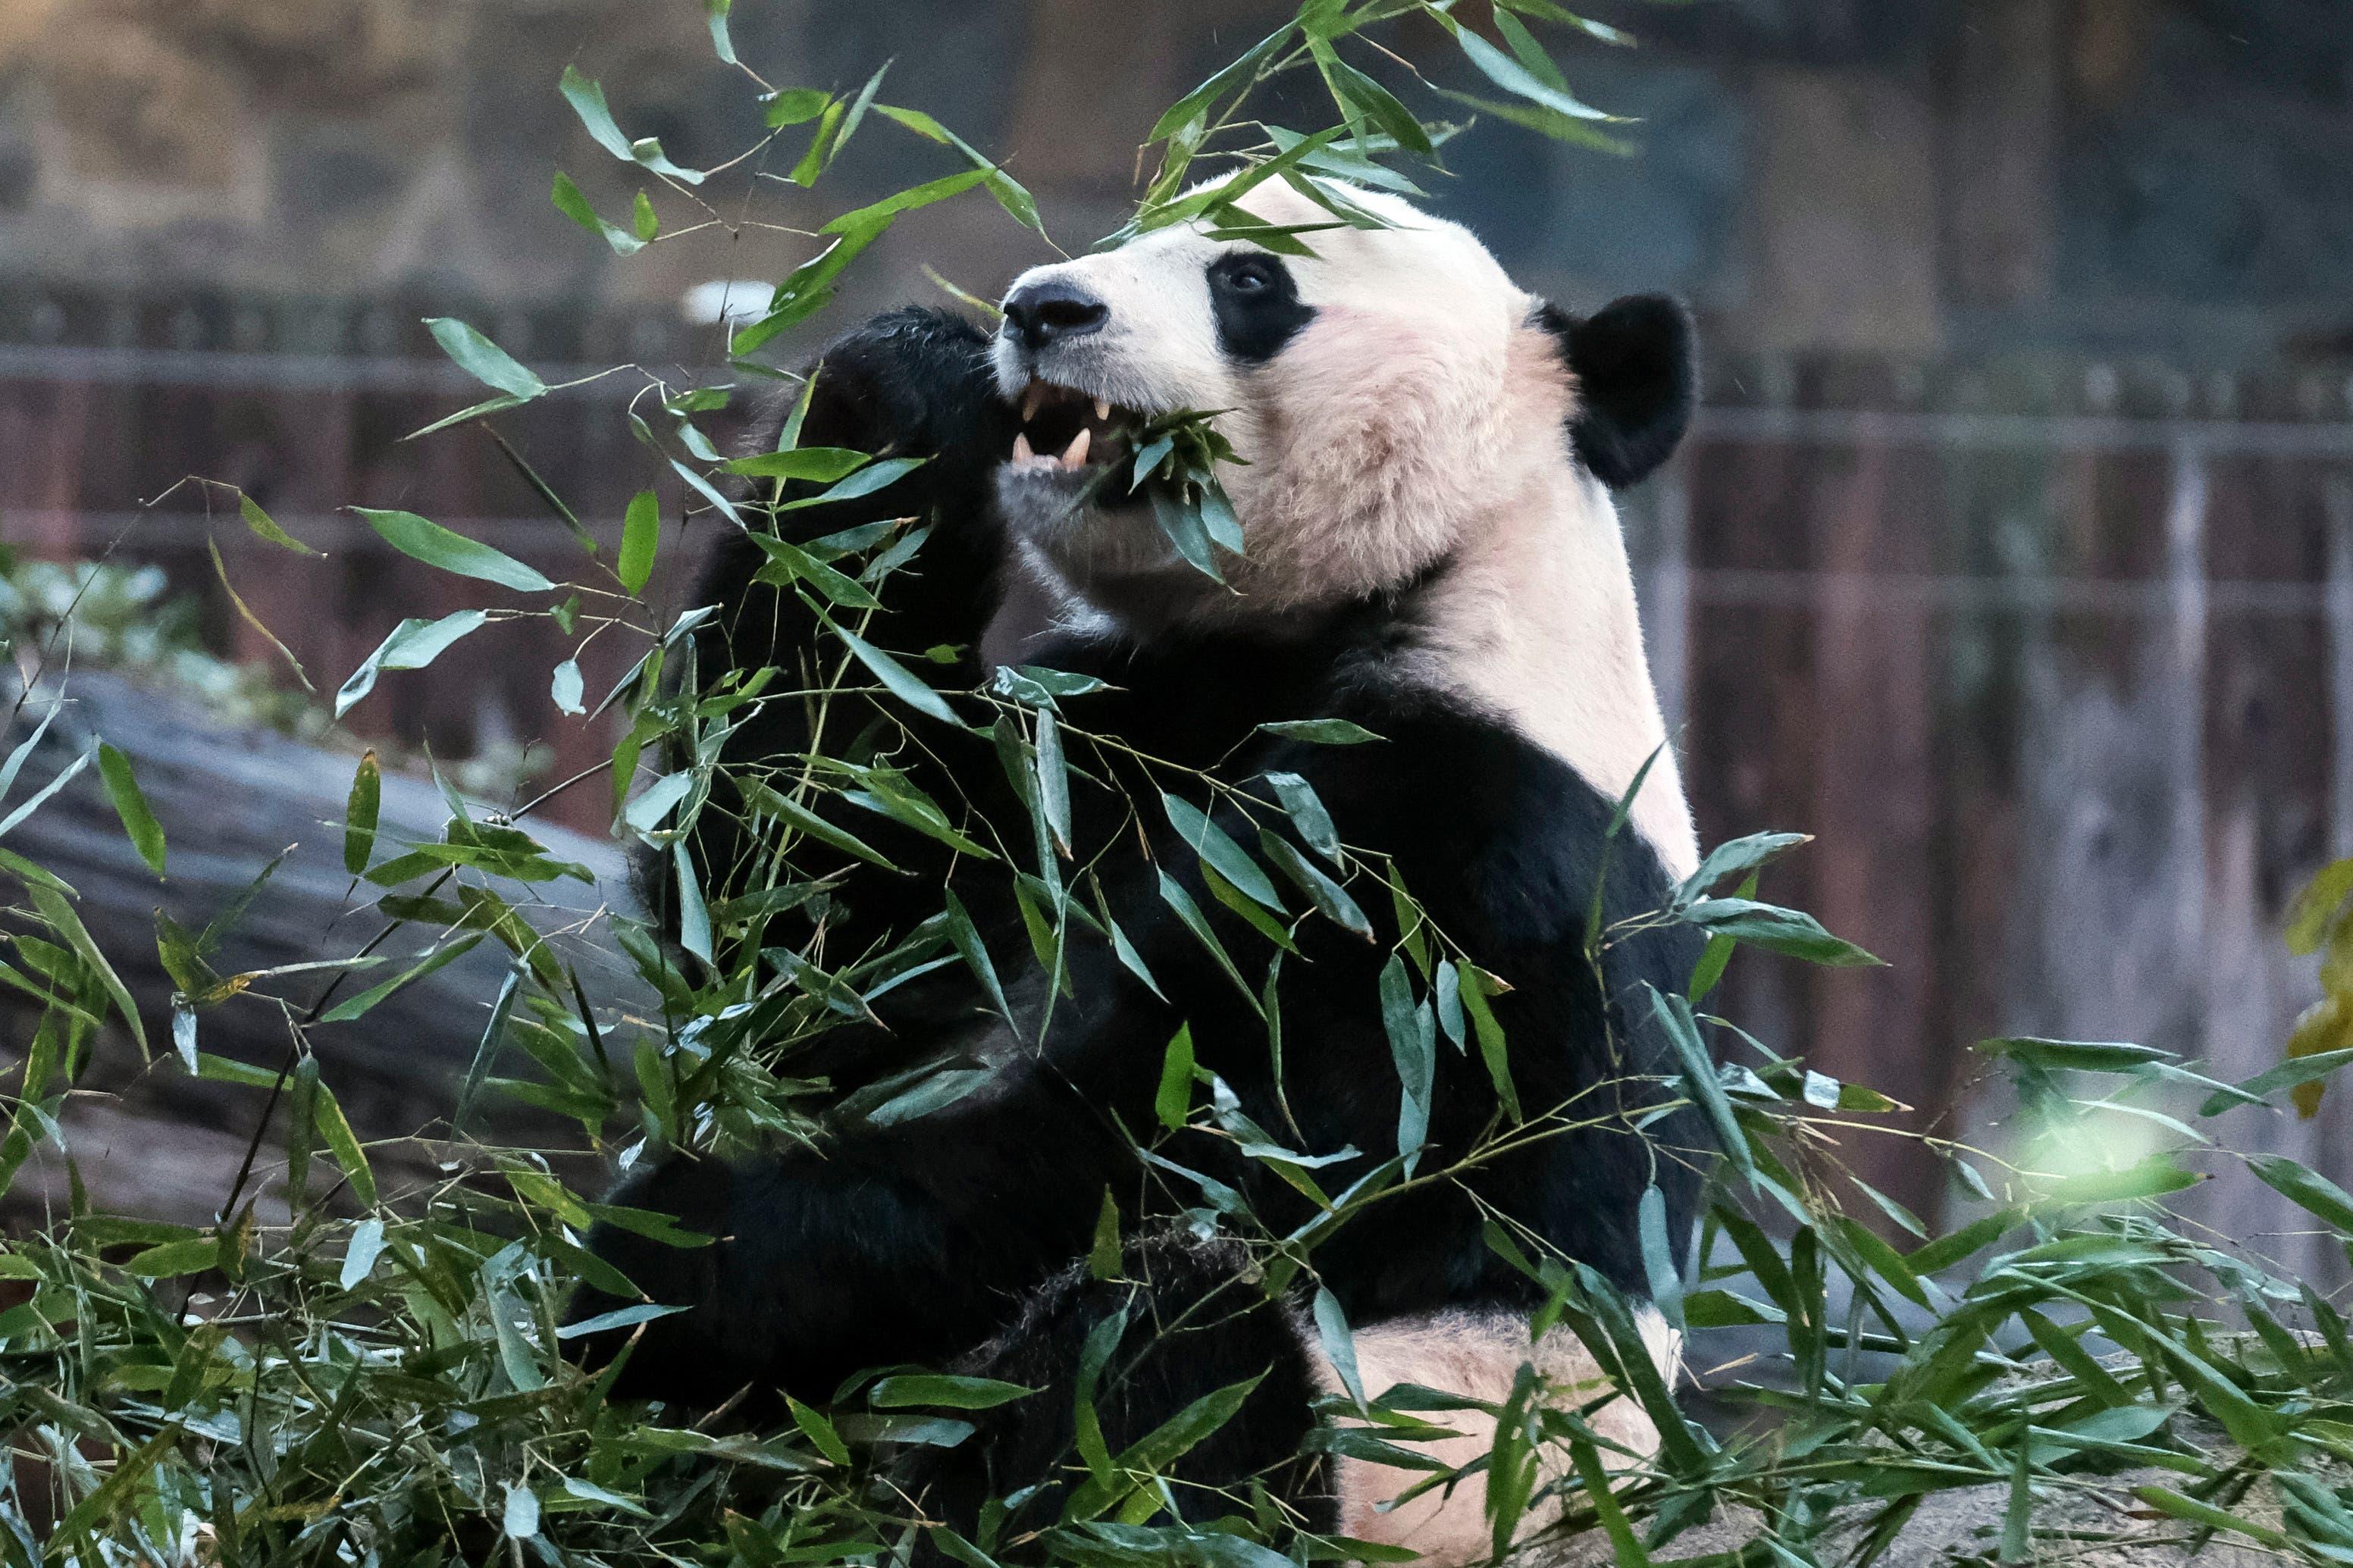 Panda: Erfolg für den Artenschutz: Der Grosse Panda gilt nicht mehr als vom Aussterben bedroht. Die Experten führen den Erfolg auf die Aufforstung von Bambuswäldern in China sowie die Leihgabe von Pandas zur Fortpflanzung an Zoos zurück. Nach jüngsten Schätzungen leben derzeit 1864 Pandabären in freier Wildbahn. In den 1980er Jahren, zum Tiefpunkt der Panda-Zahlen, waren es weniger als 1000 Tiere. Trotzdem ist die Tierart auf der Roten Liste noch immer als «gefährdet» eingestuft. (Bild: Keystone)